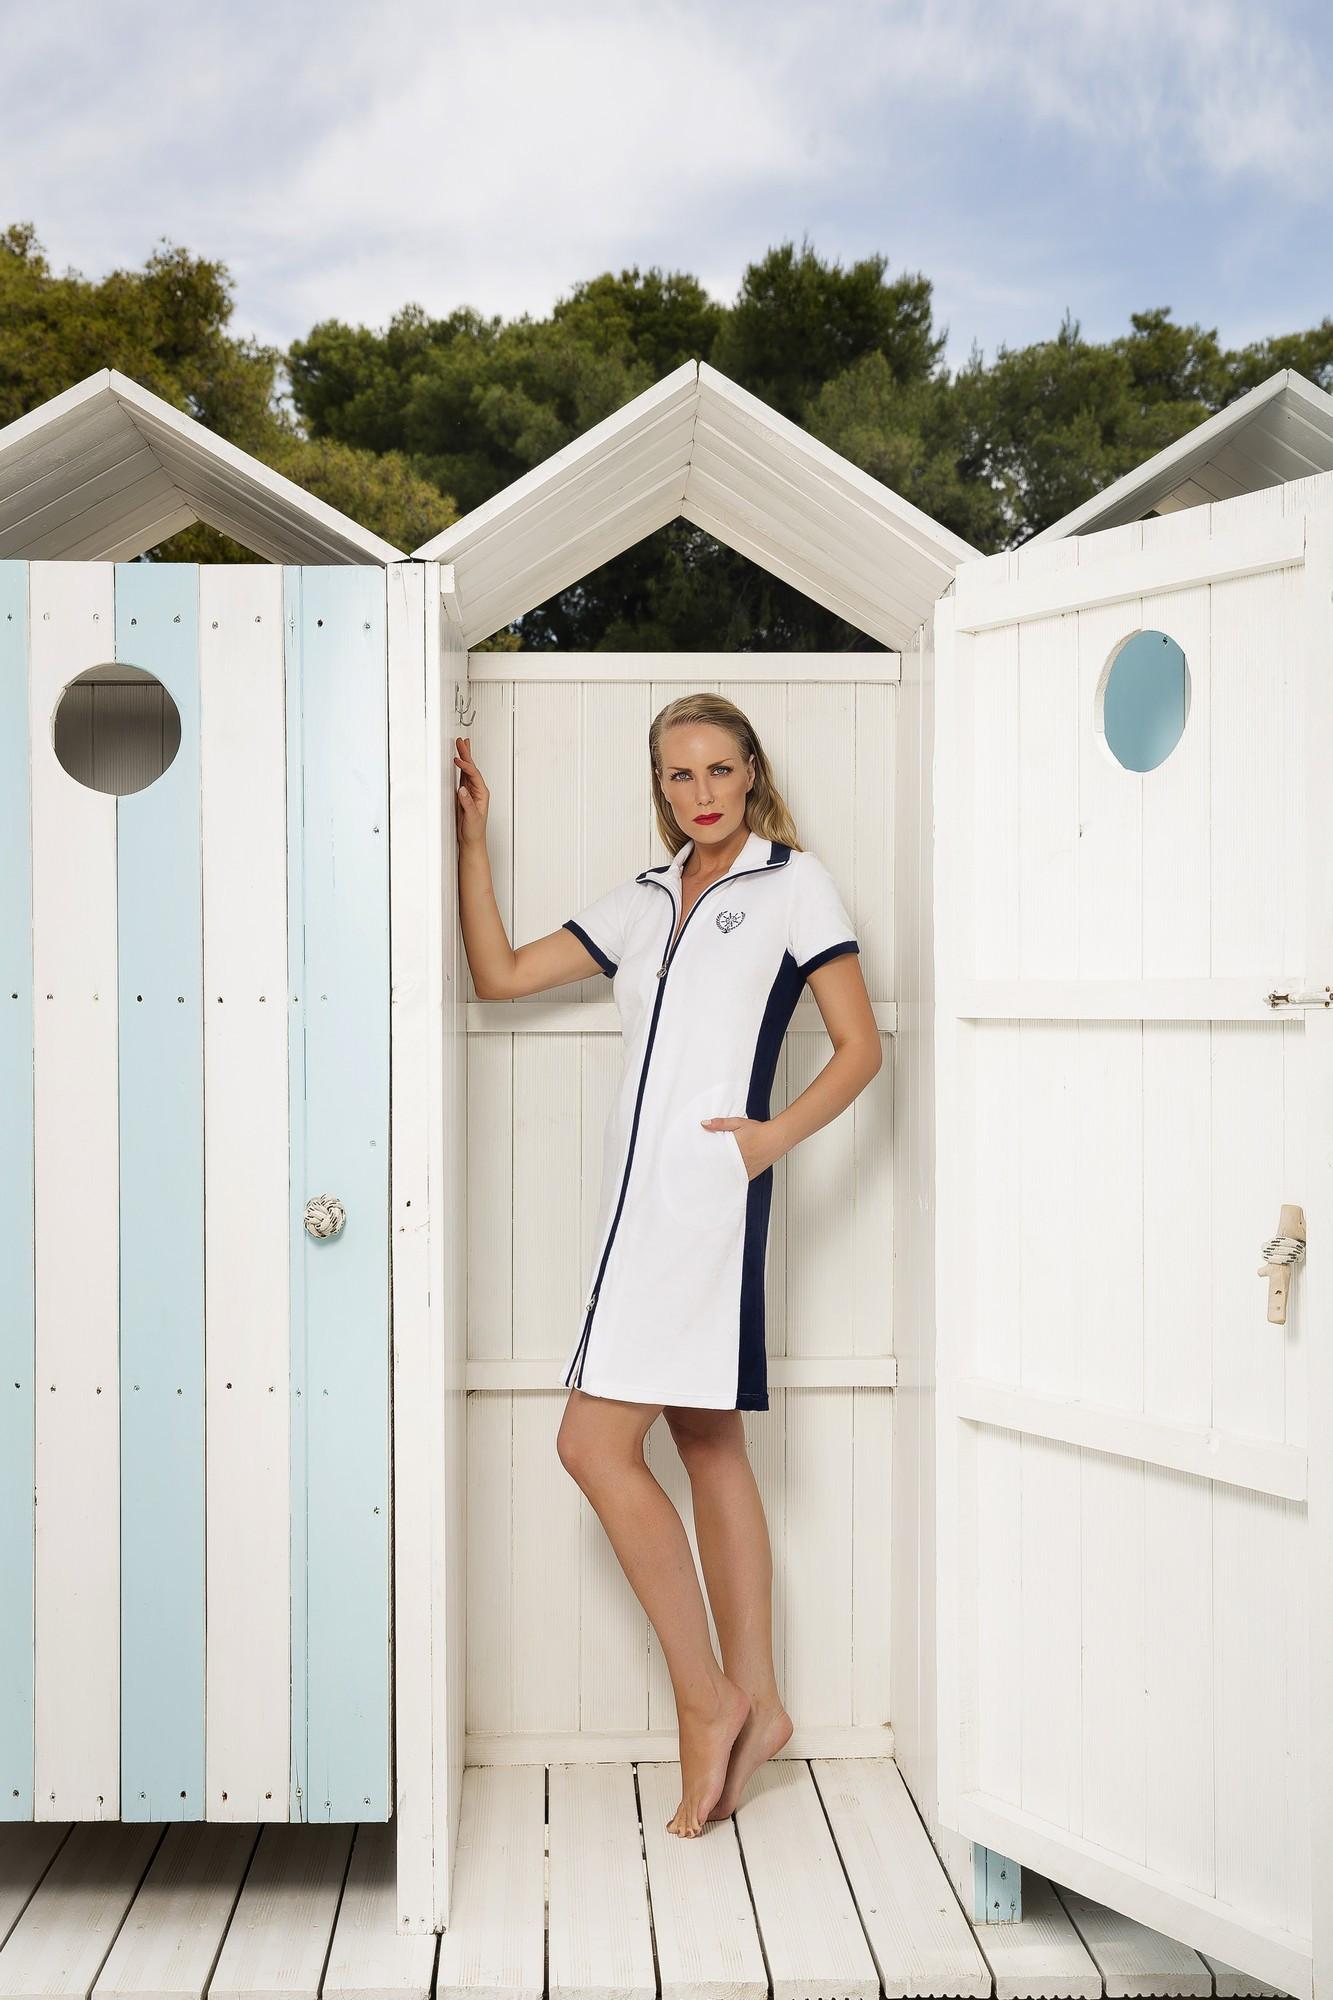 Dámské plážové šaty 6330- Vamp Barva: bílo-růžová, Velikost: M